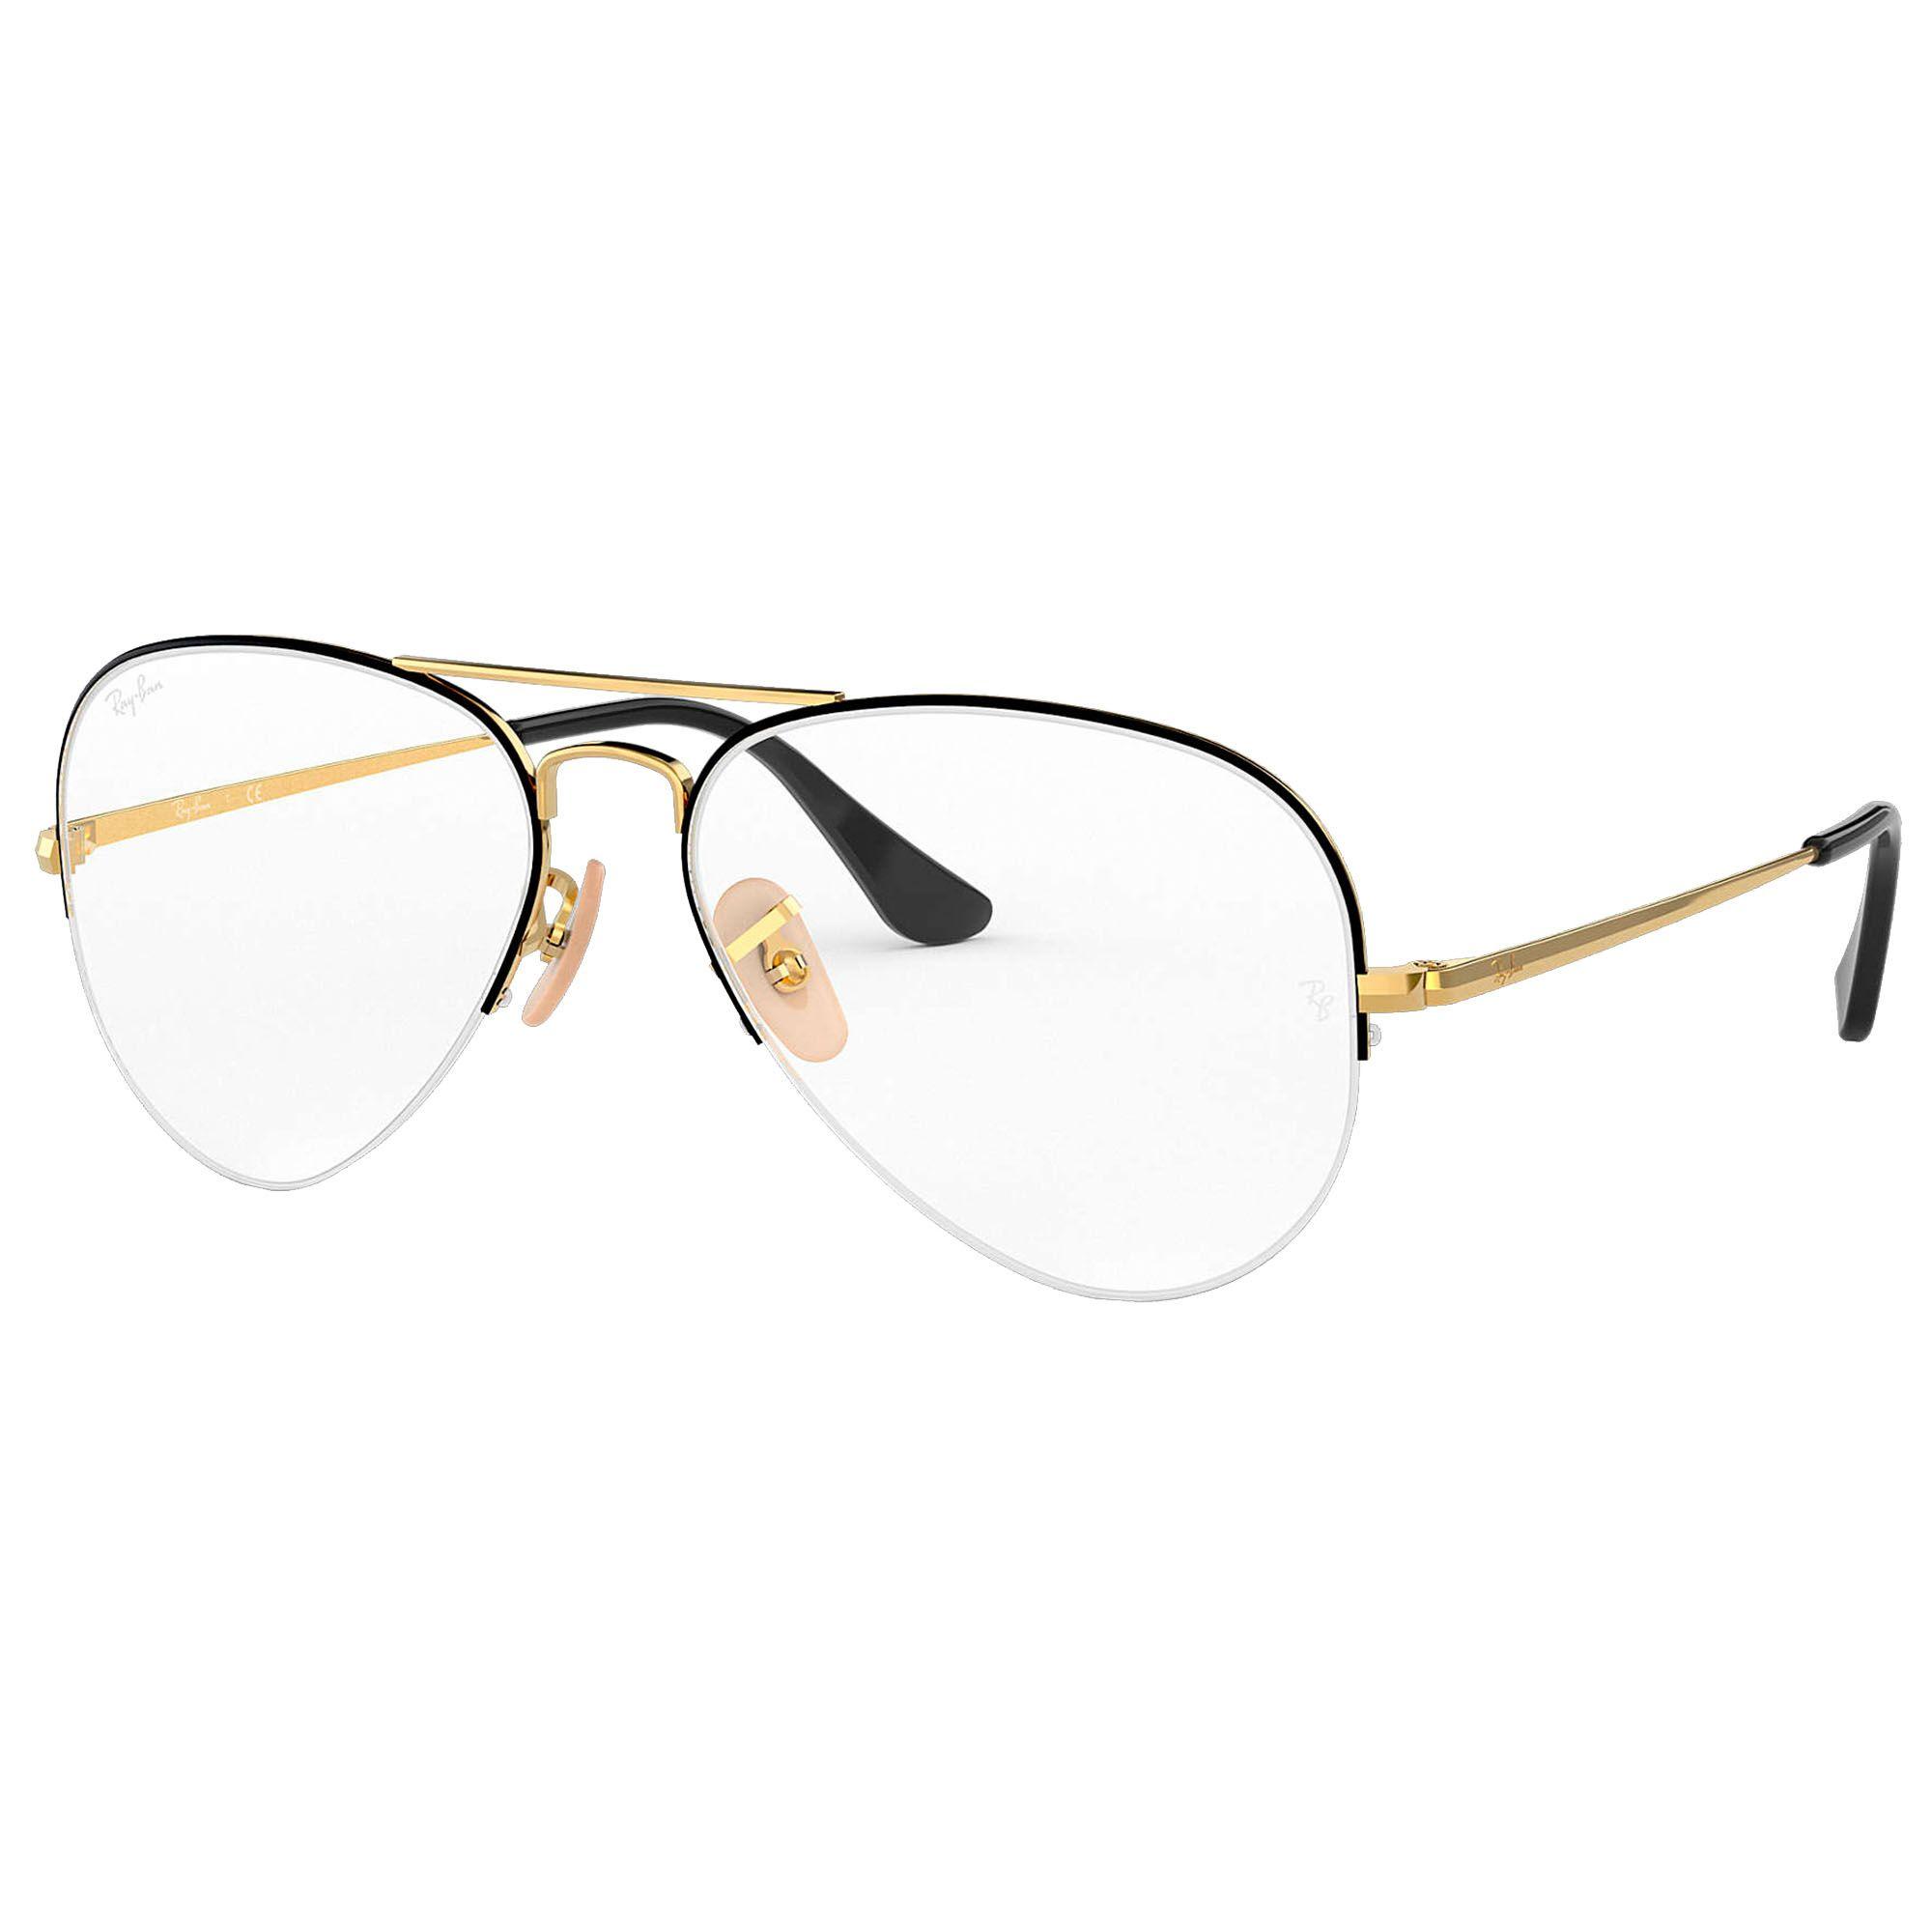 Óculos de Grau Unissex Ray-Ban Aviator Gaze RB6589 2946 59-15